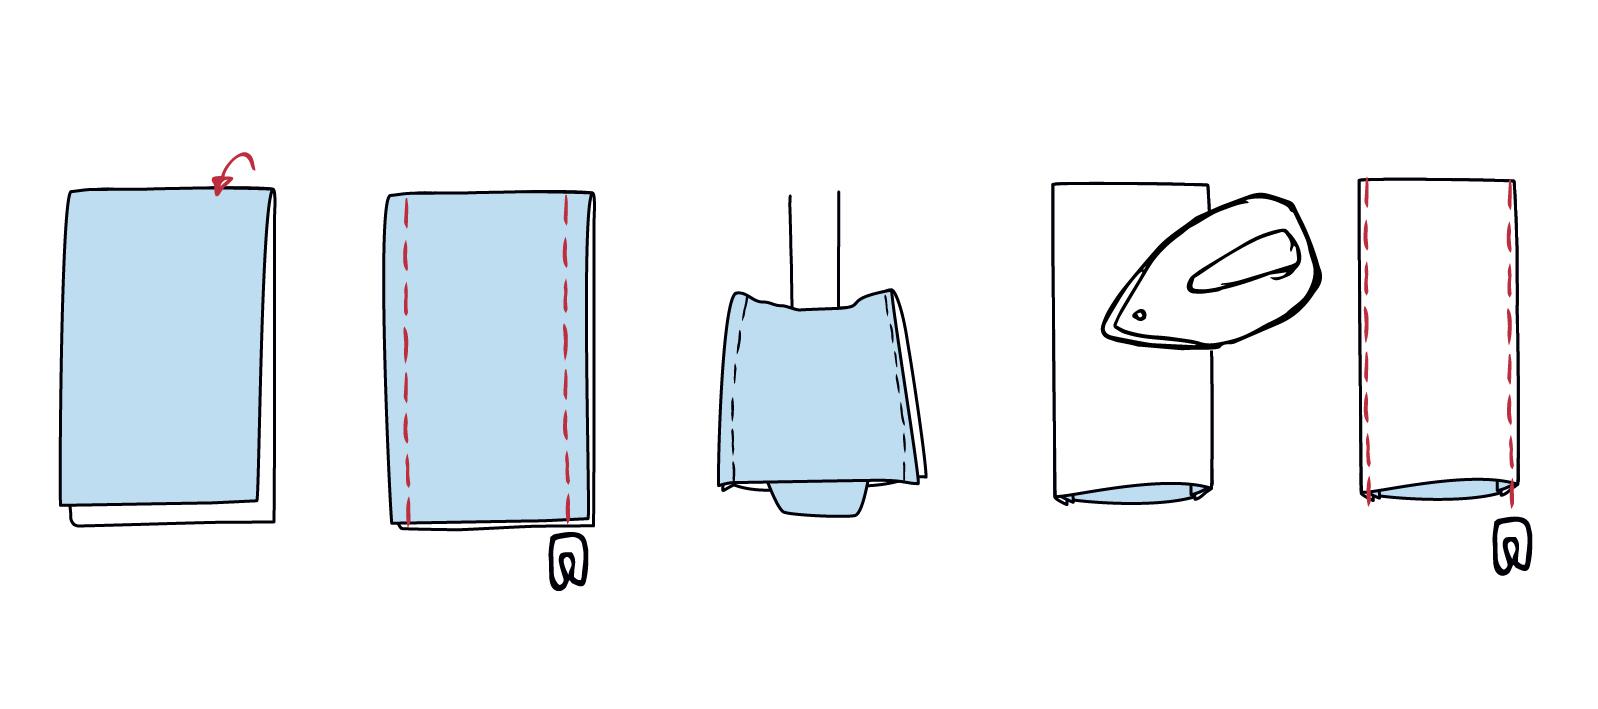 Gürtelschlaufen klappen, der Länge nach zusammennähen, stülpen und von Rechts knappkantig absteppen